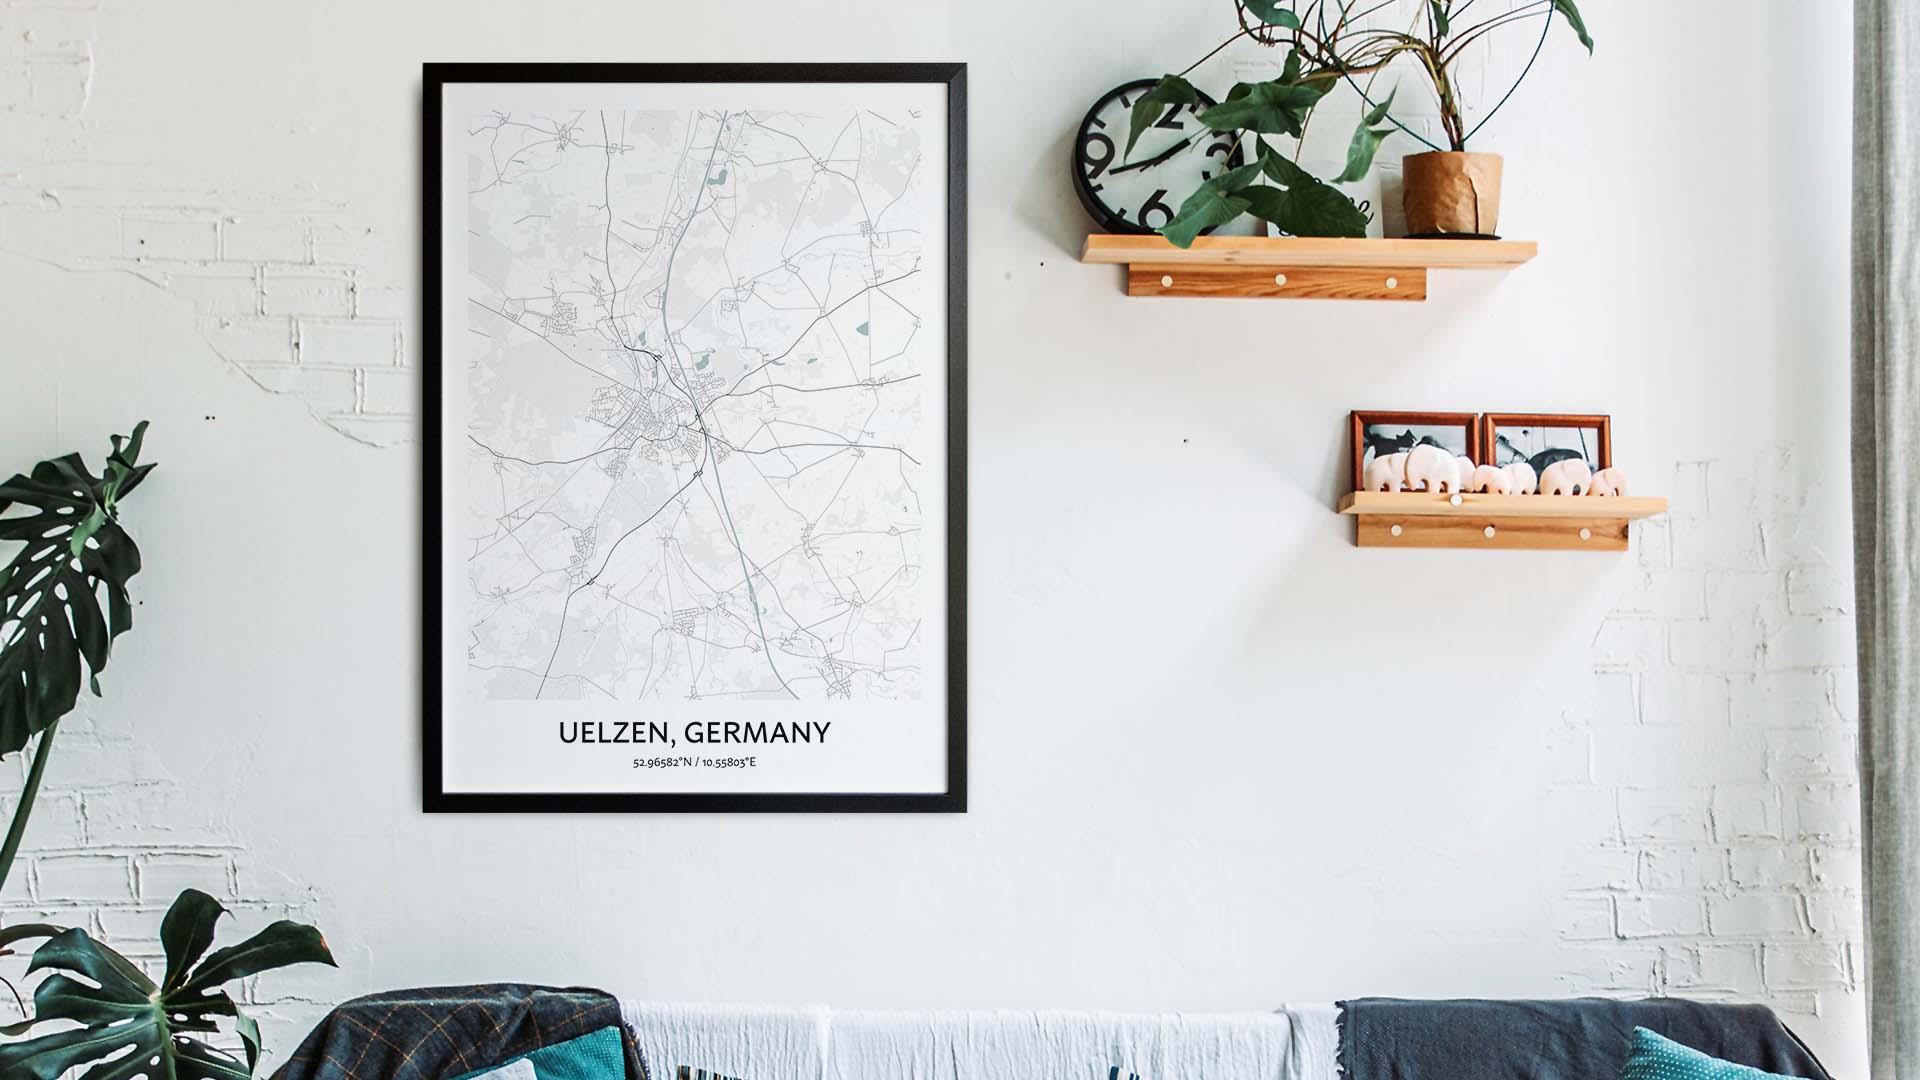 Uelzen map art